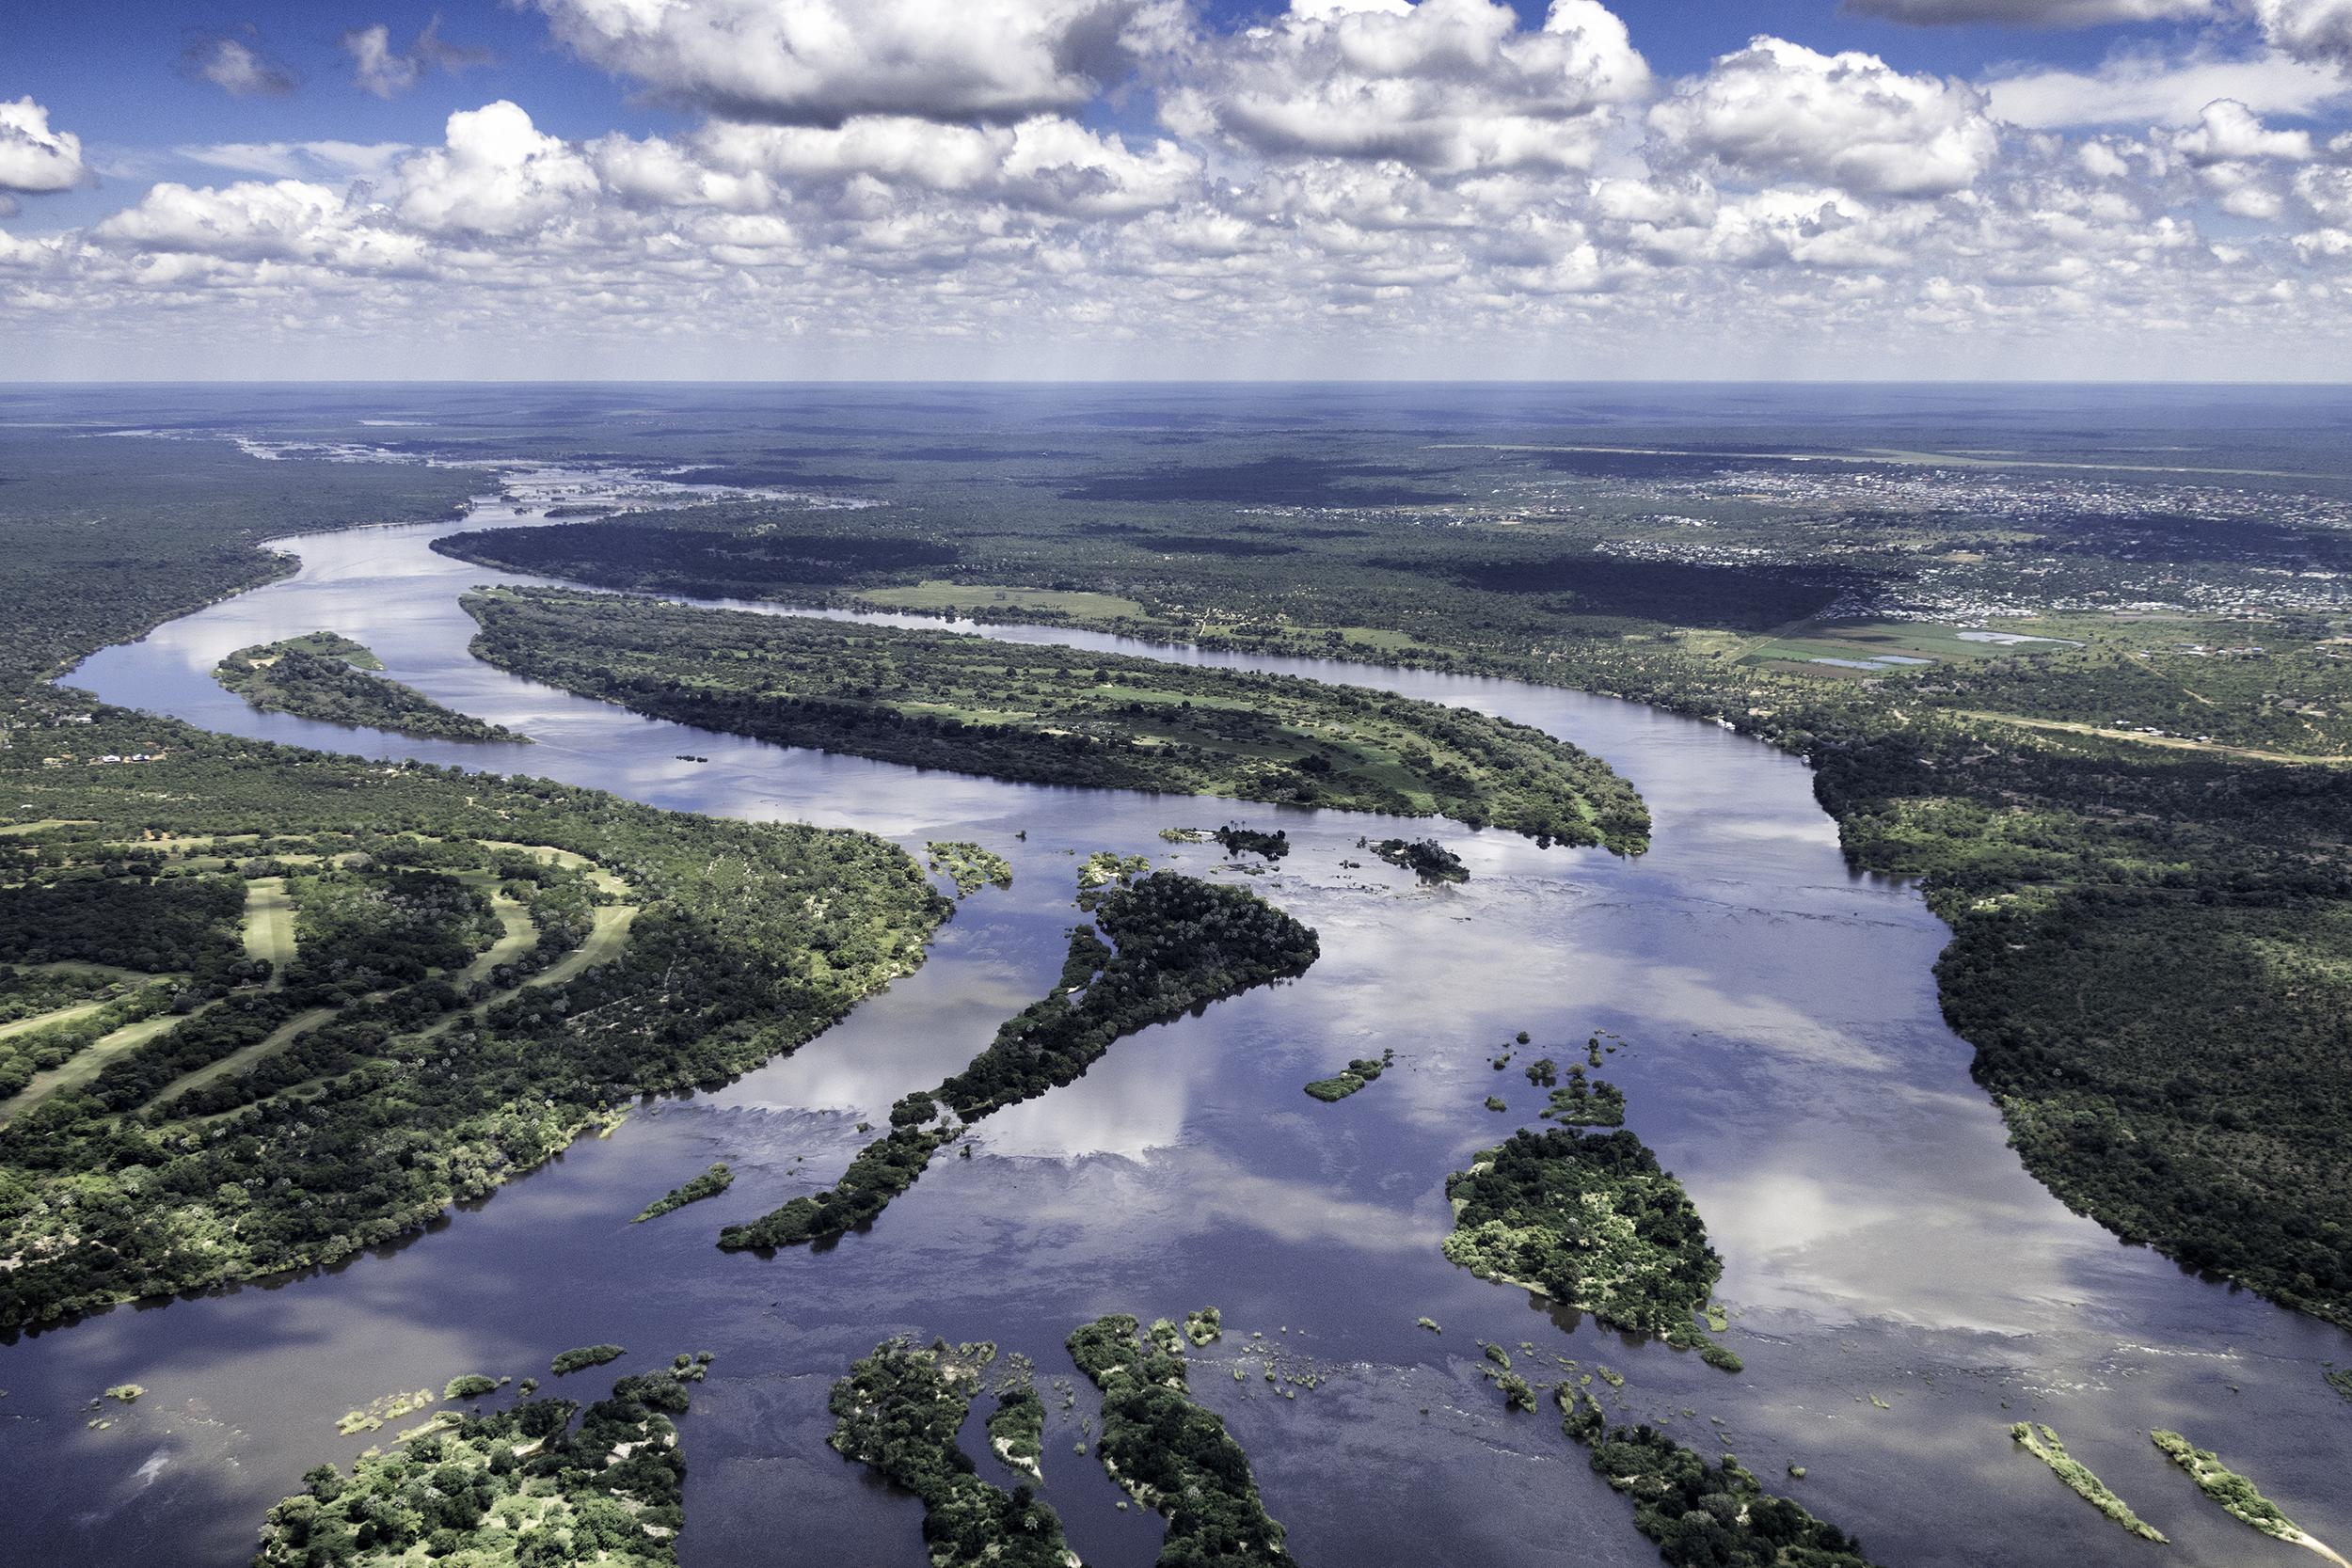 Zambezi River, Zimbabwe and Zambia, February Morning